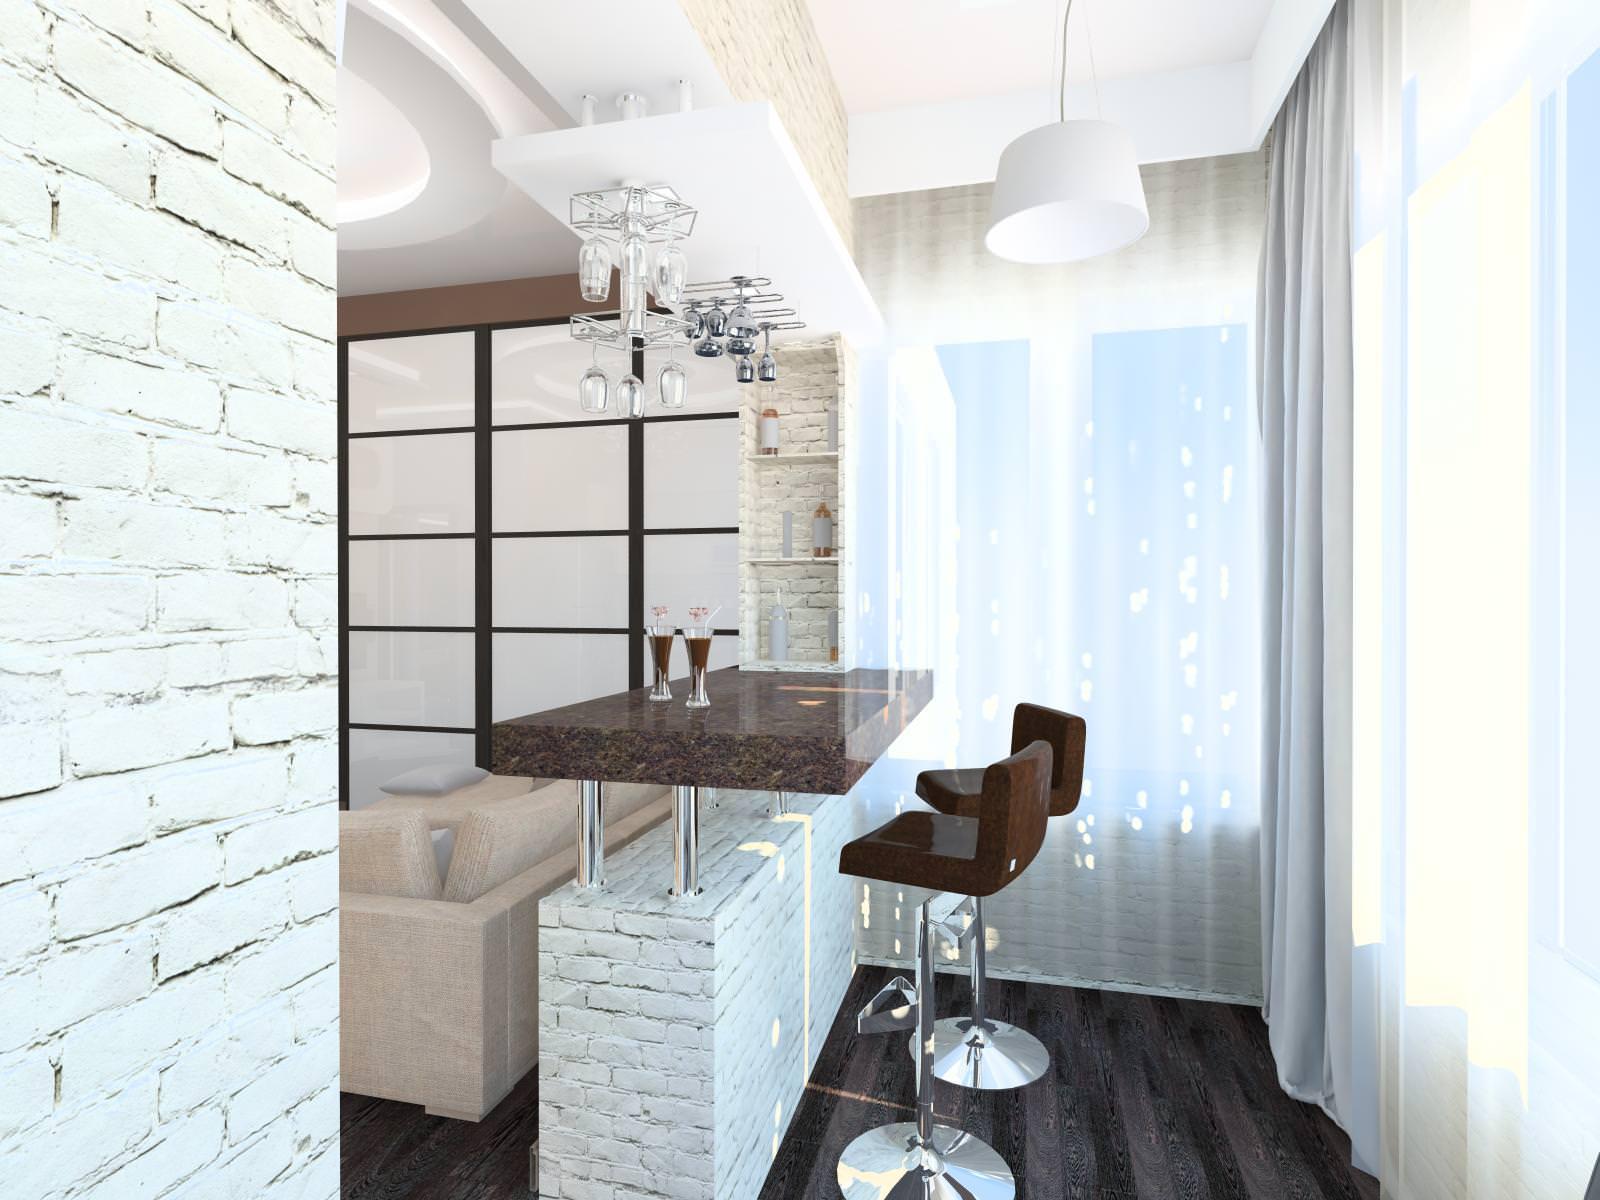 Дизайн кухни с балконом своими руками: фото и видео.